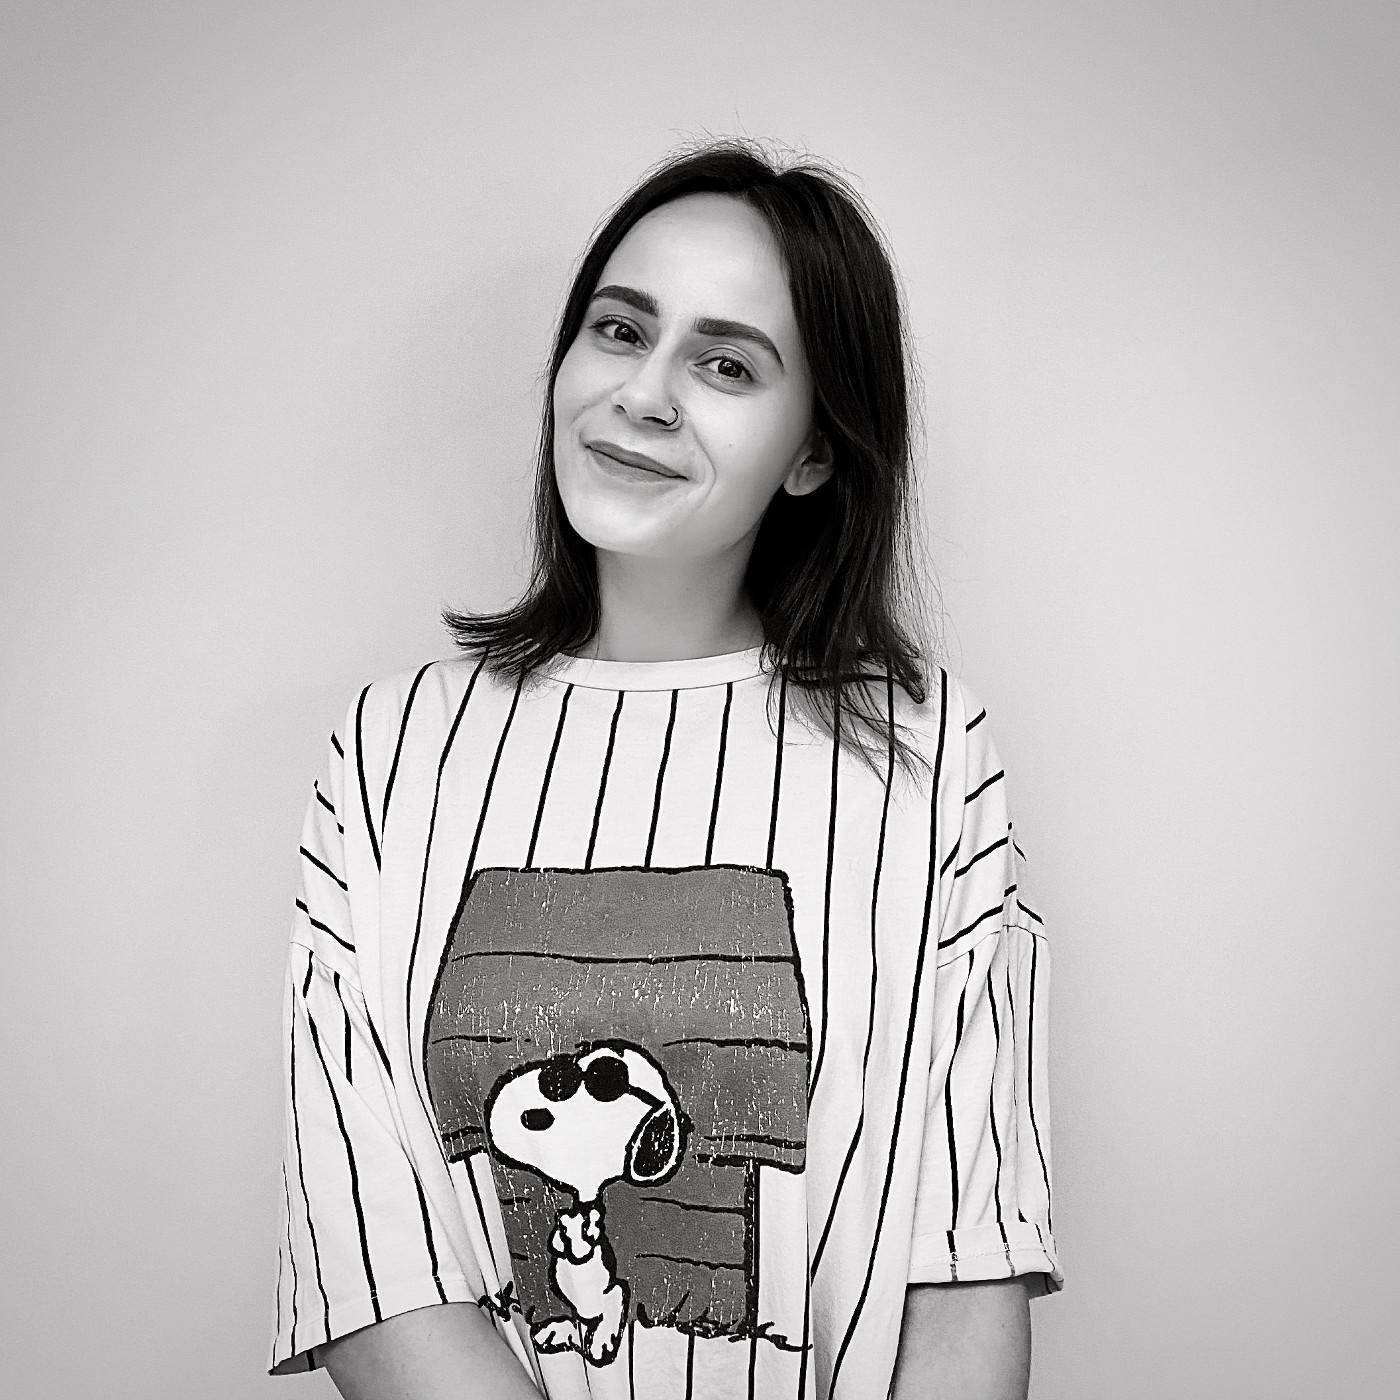 Оля. Джуниор дизайнер